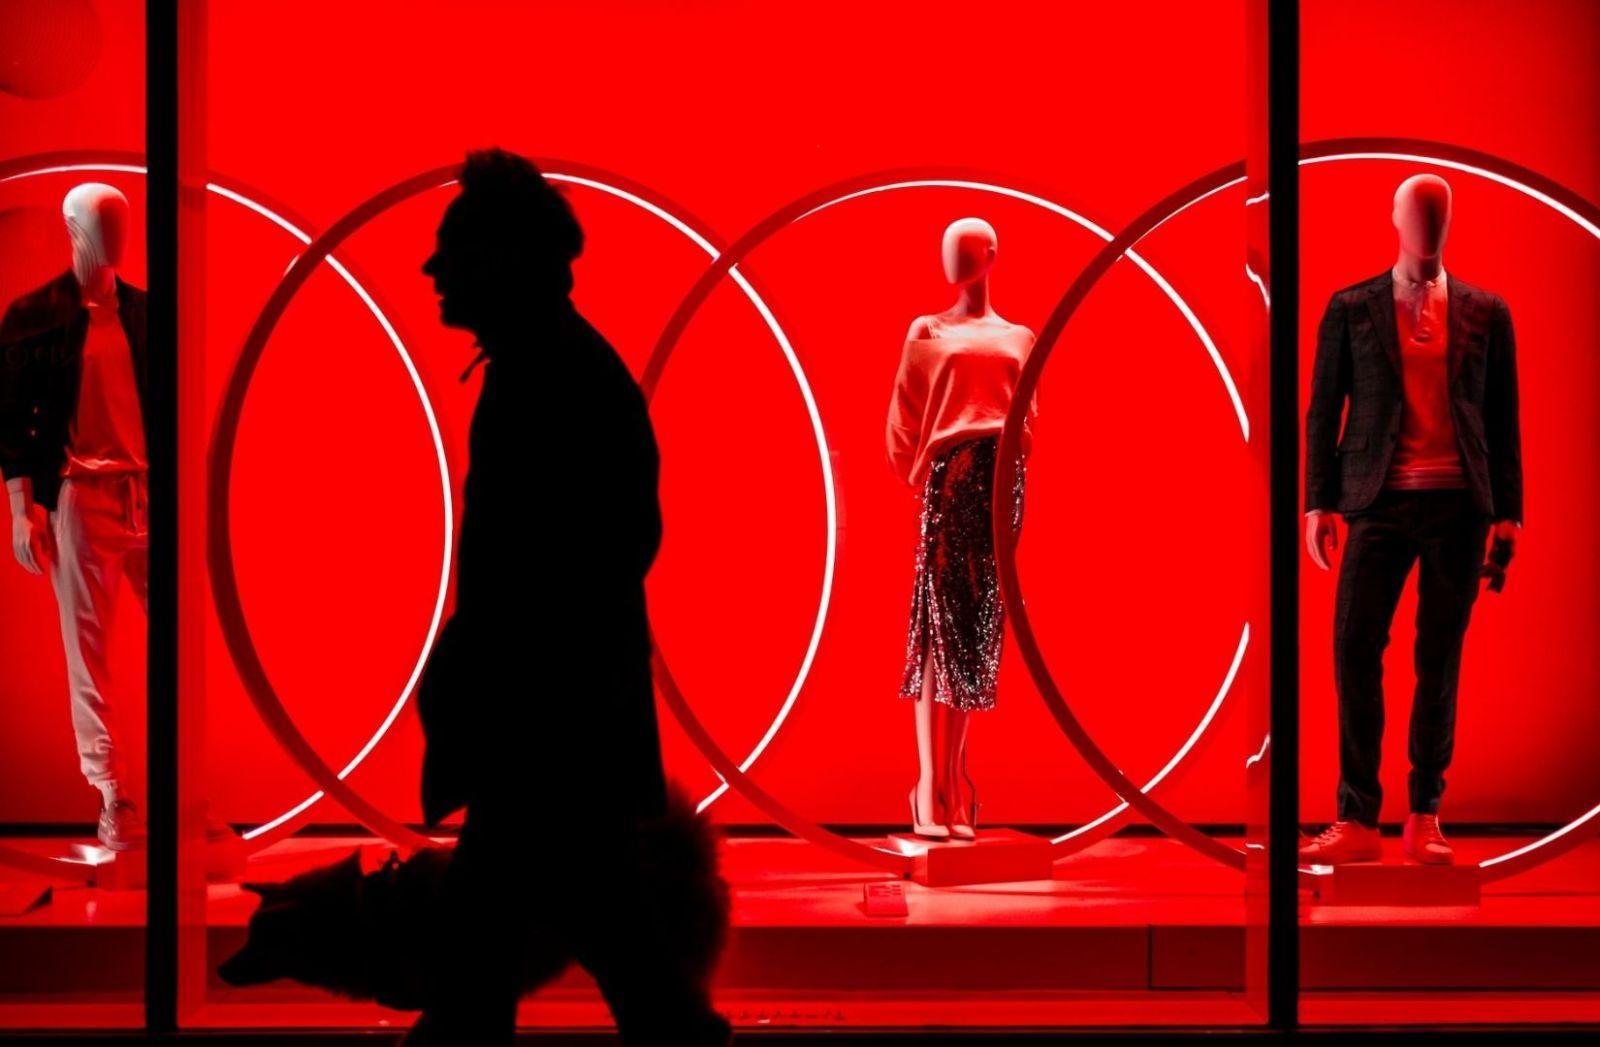 Ständiger Zwang zum Konsum, eine Art Gesetz der Gegenwart, ist auch eine Form der Gewalt. (Foto: Gil Ribeiro, Unsplash.com)